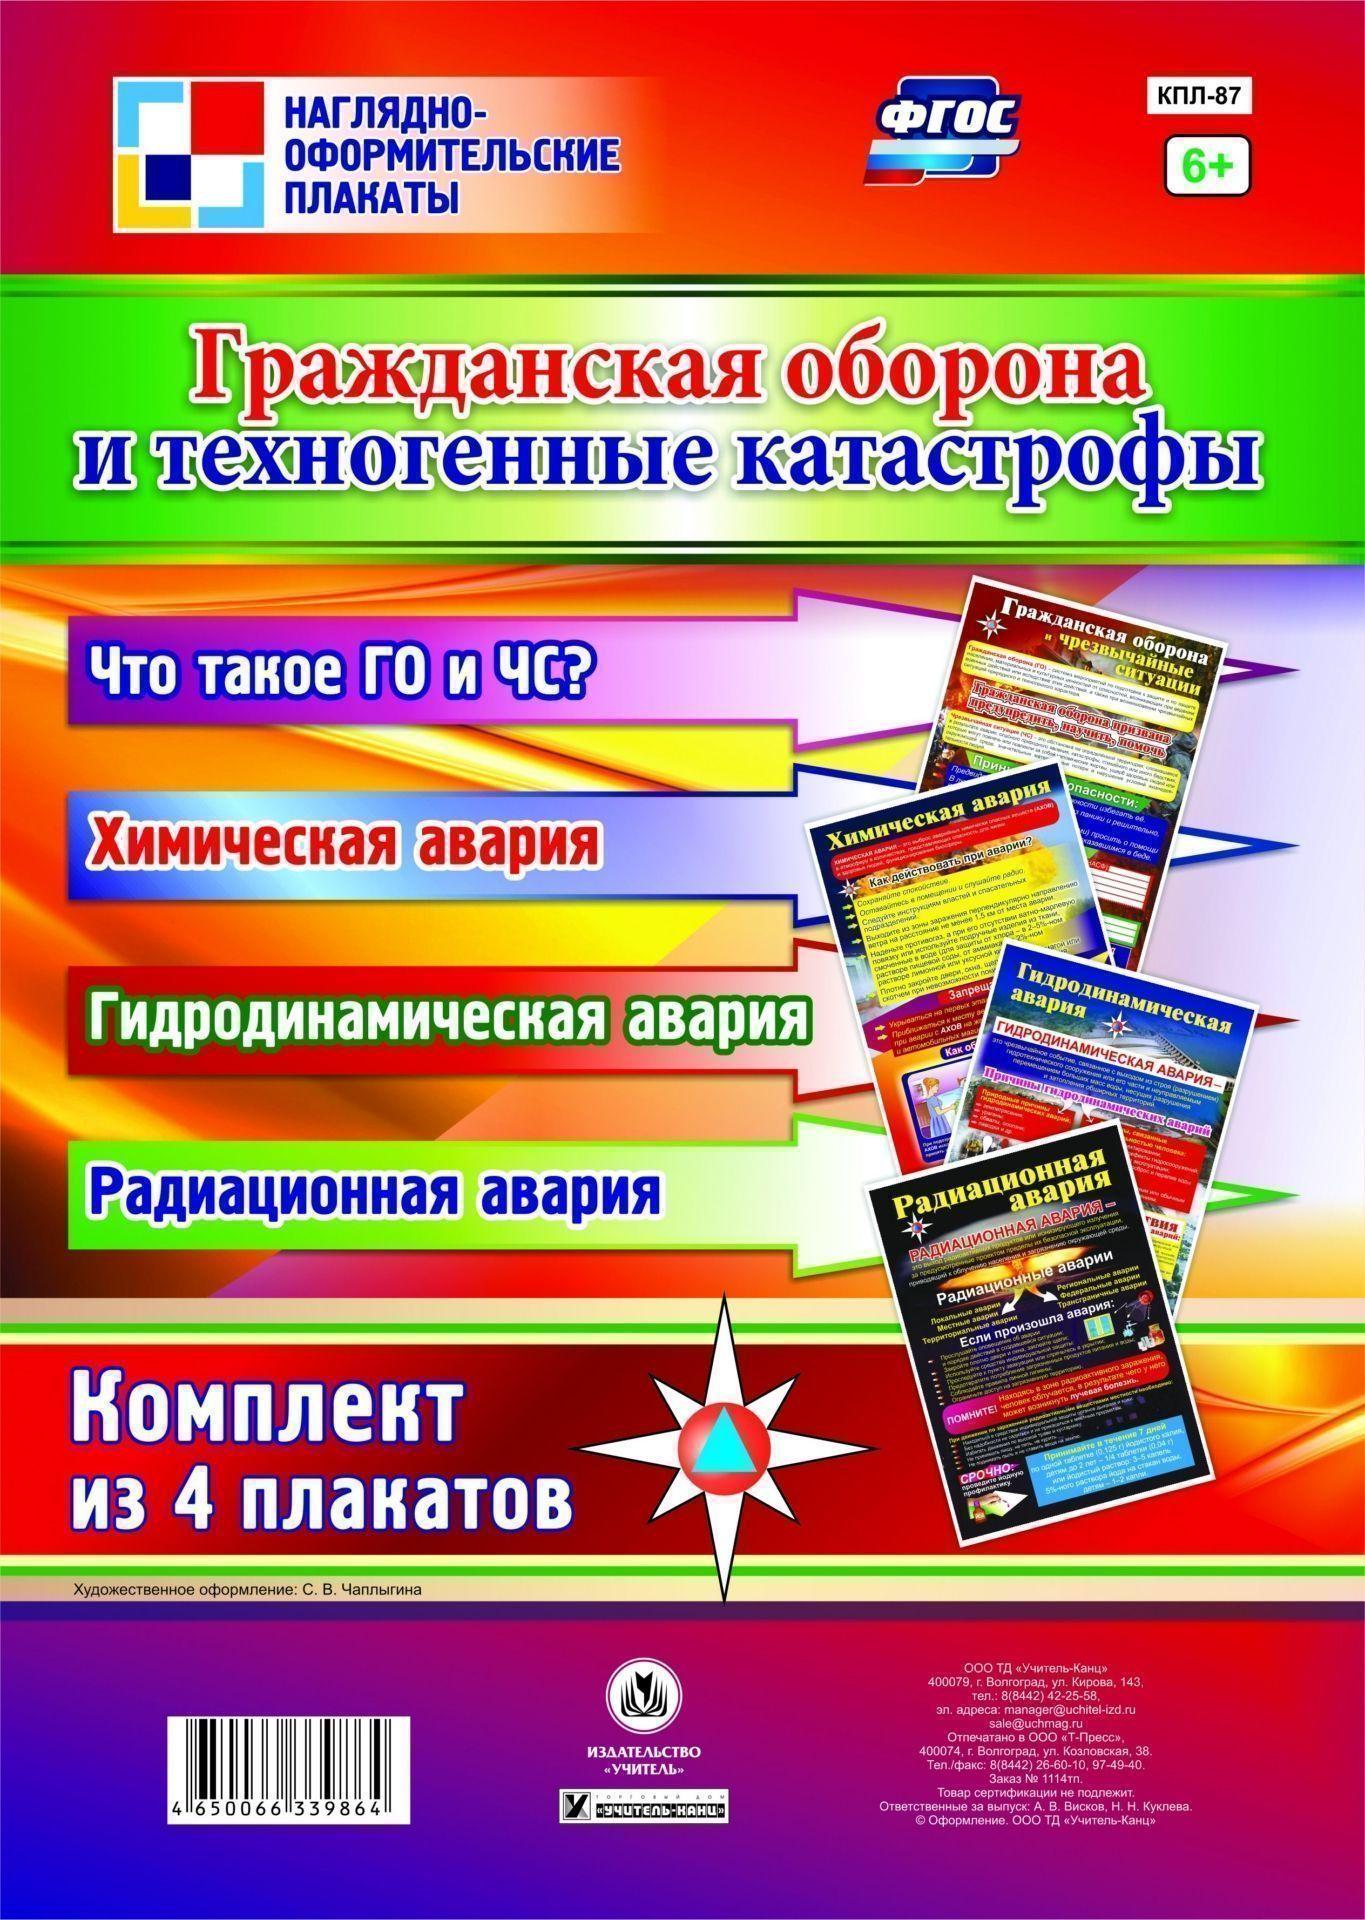 Комплект тематических плакатов Гражданская оборона и техногенные катастрофы: 4 плакатаТематические плакаты<br>.<br><br>Год: 2017<br>Серия: Наглядно-оформительские плакаты<br>Высота: 594<br>Ширина: 420<br>Переплёт: набор